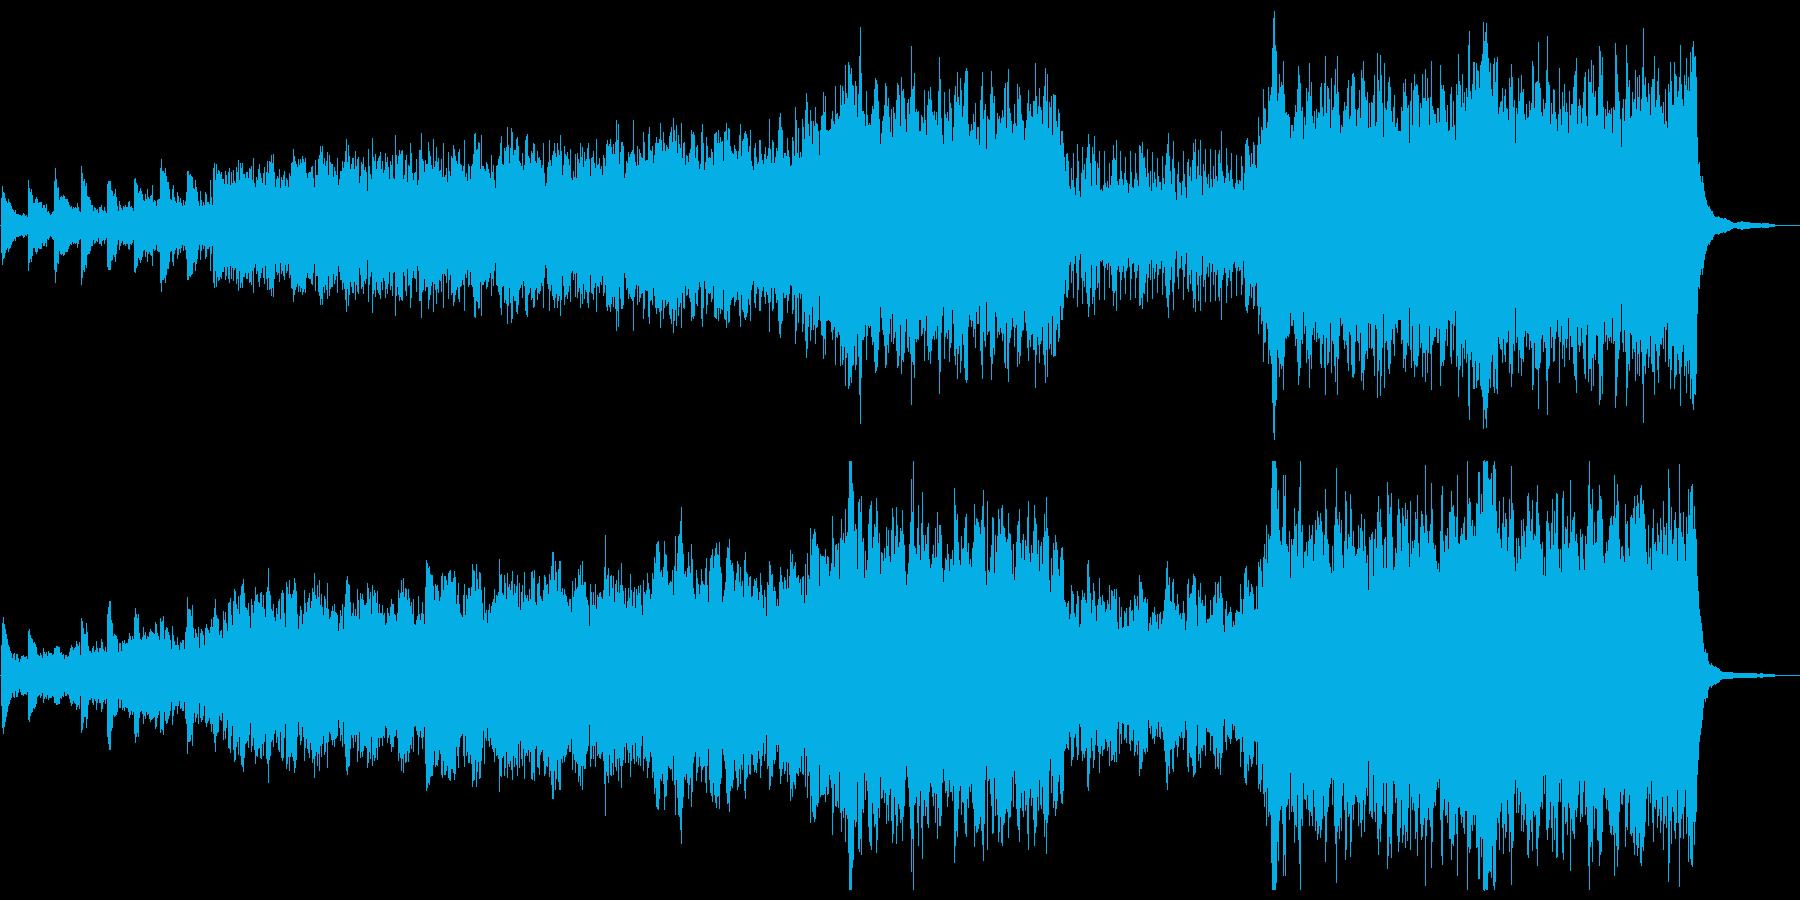 美しく幻想的なピアノとストリングスの曲の再生済みの波形